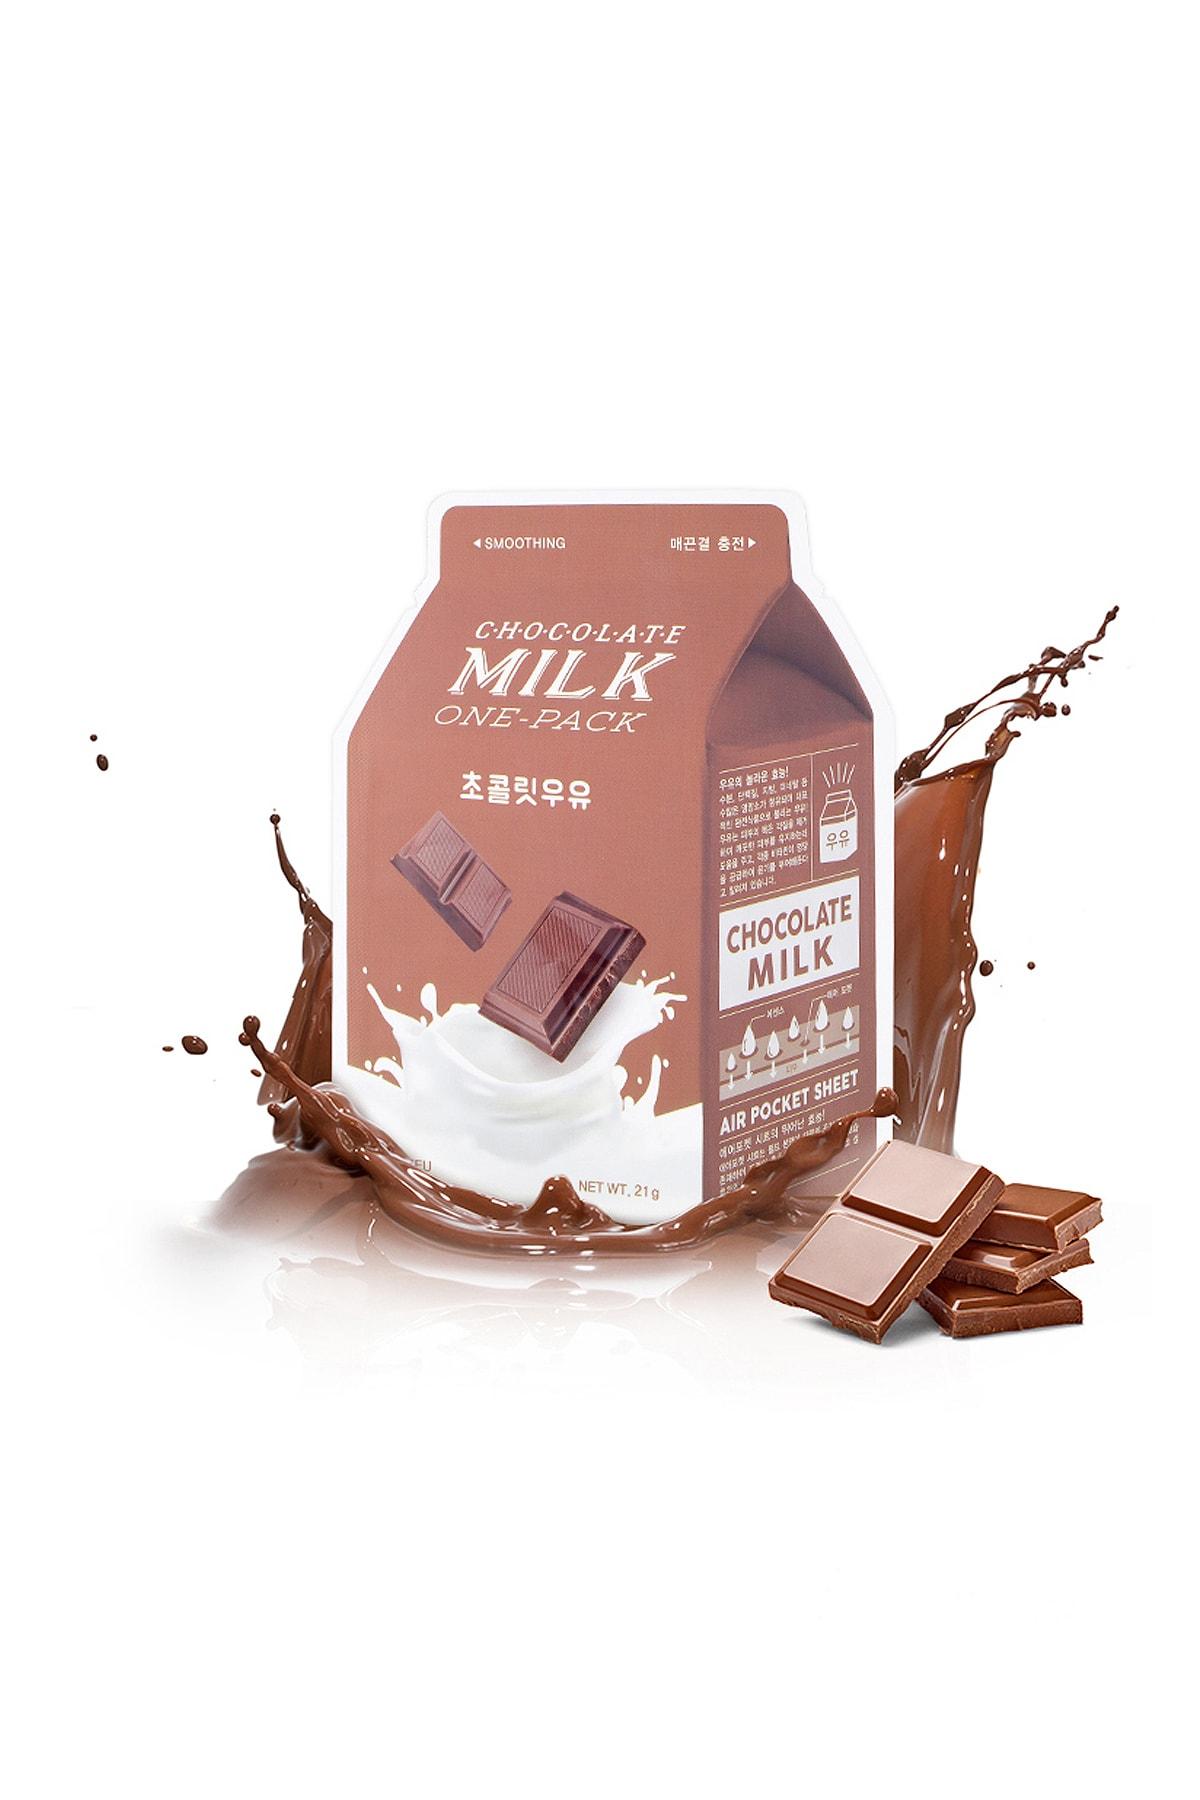 Missha Pürüzsüz Görünüm Kazandıran Yaprak Maske(Çikolata-Süt) APIEU Chocolate Milk One-Pack